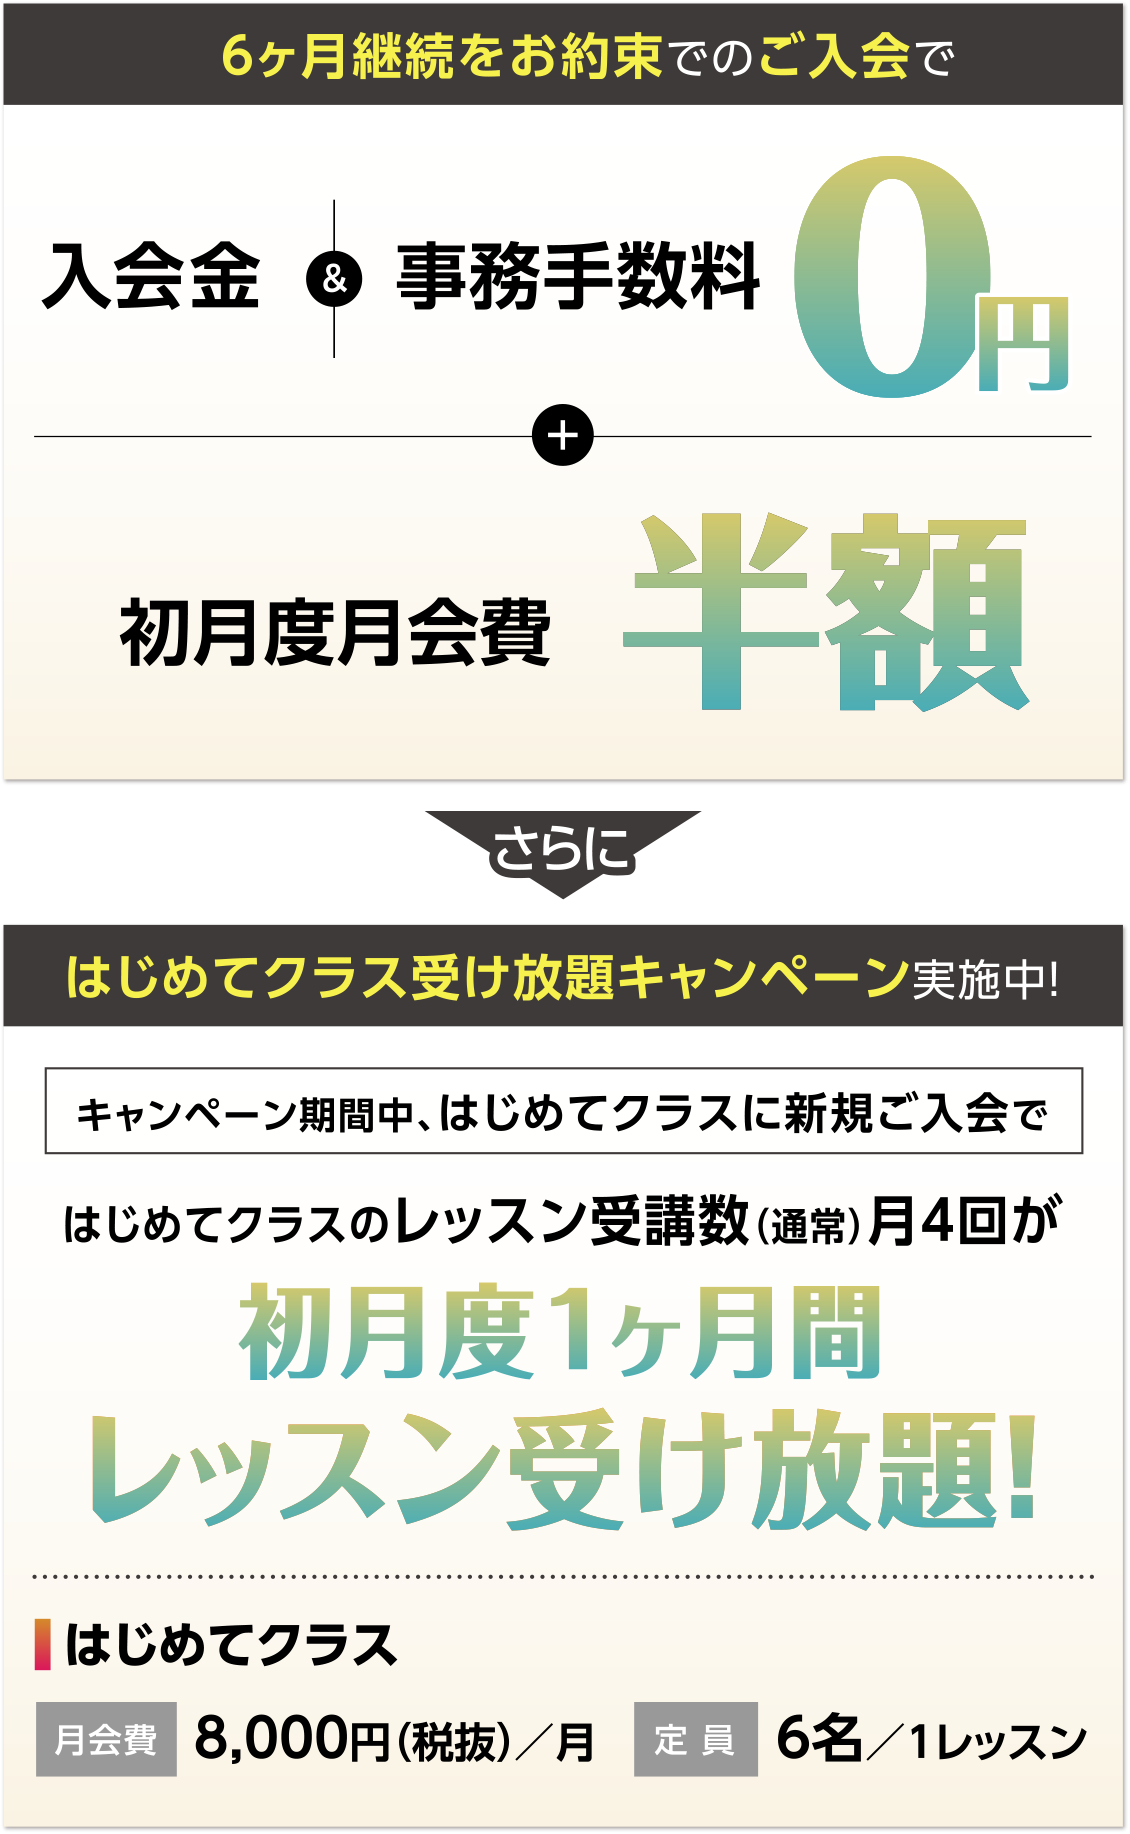 201802-campaign-02